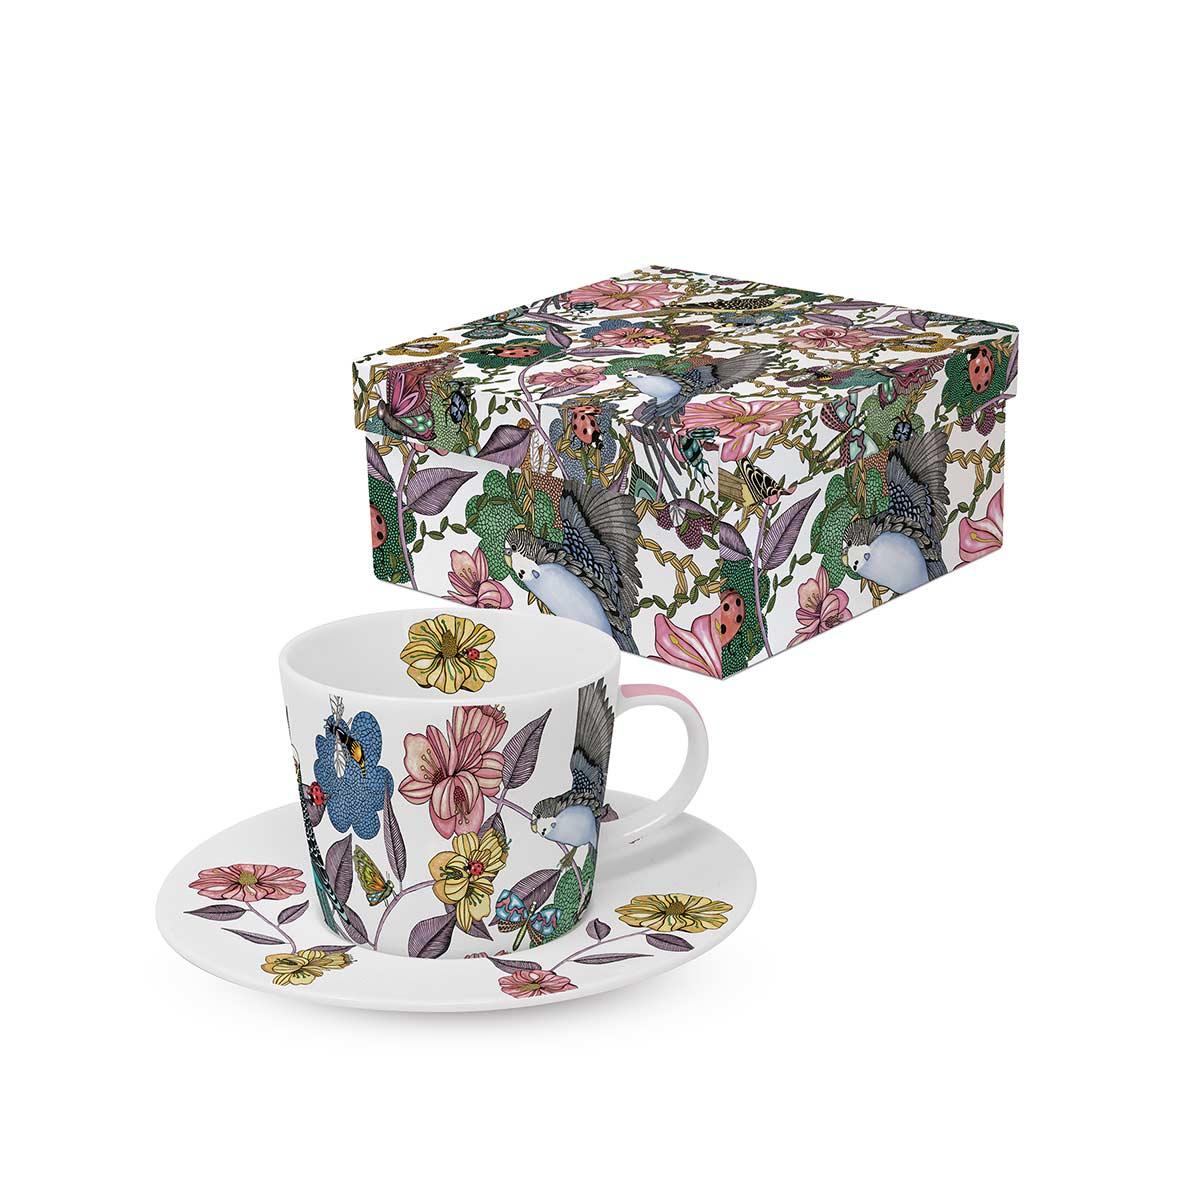 Trend Espresso GB Birds & Flowers